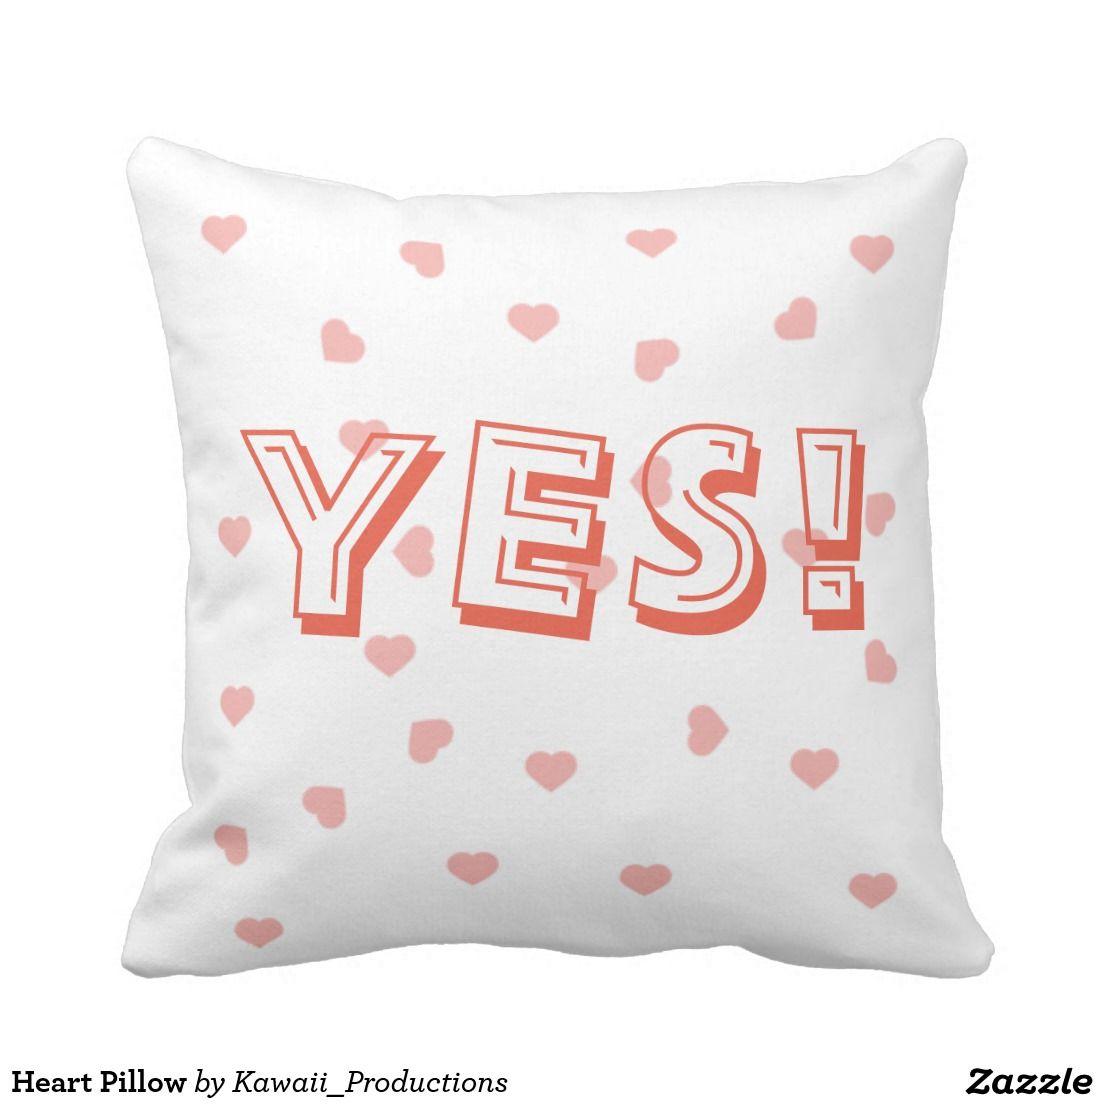 Heart Pillow Heart Pillow Pillows Decorative Throw Pillows